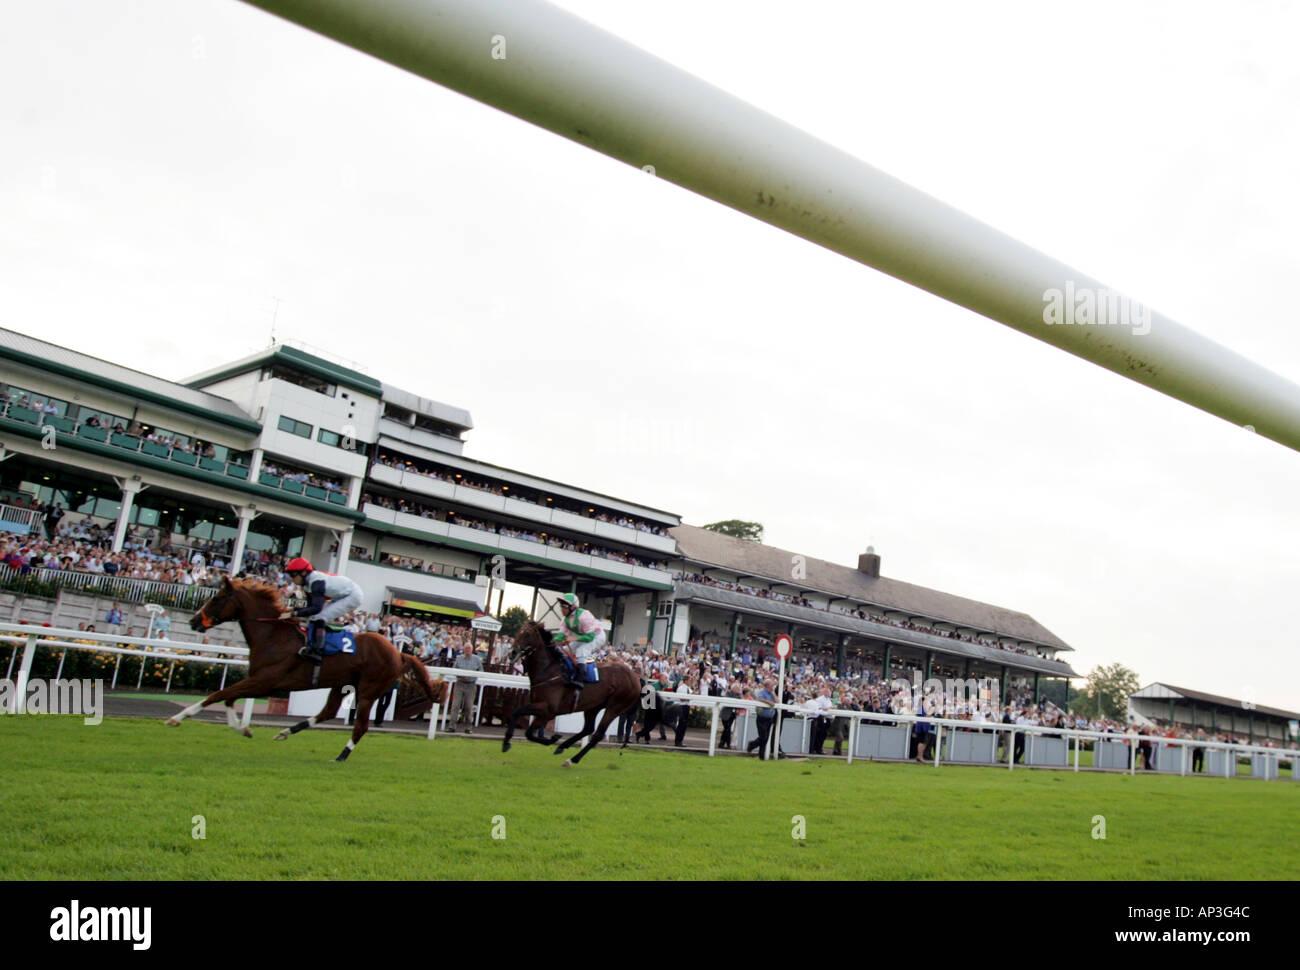 Carreras de Caballos Chepstow Racecourse South East Wales Imagen De Stock